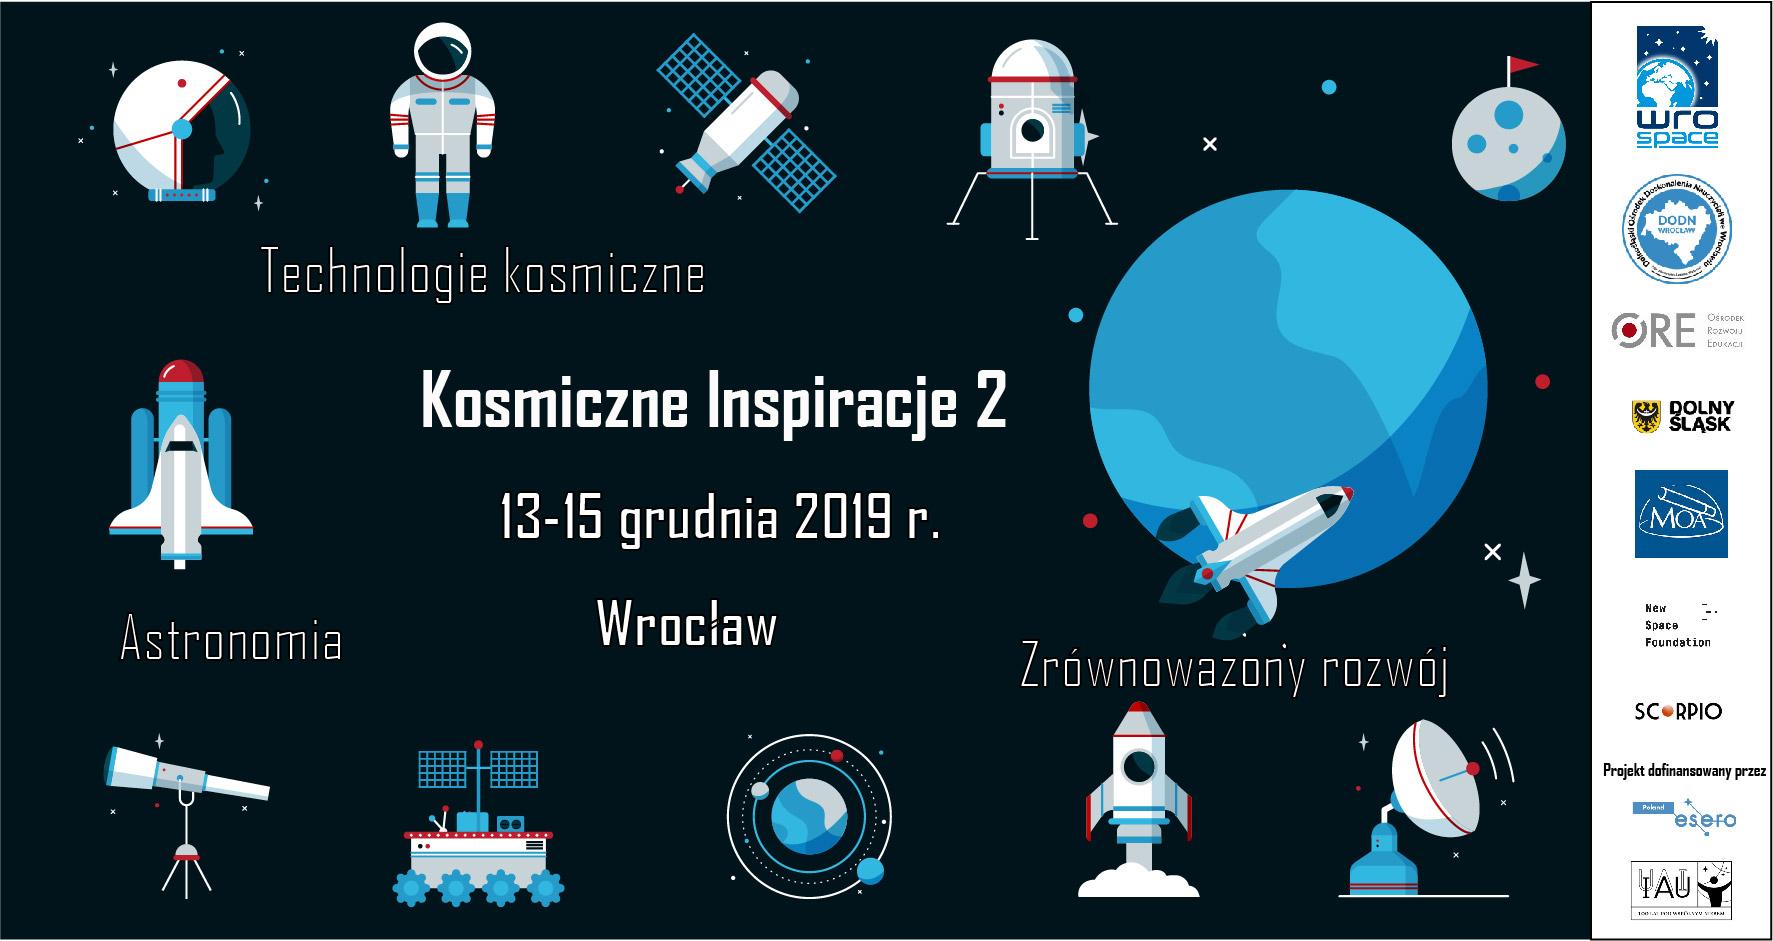 Kosmiczne Inspiracje - szkolenie dla nauczycieli @ Dolnośląski Ośrodek Doskonalenia Nauczycieli we Wrocławiu